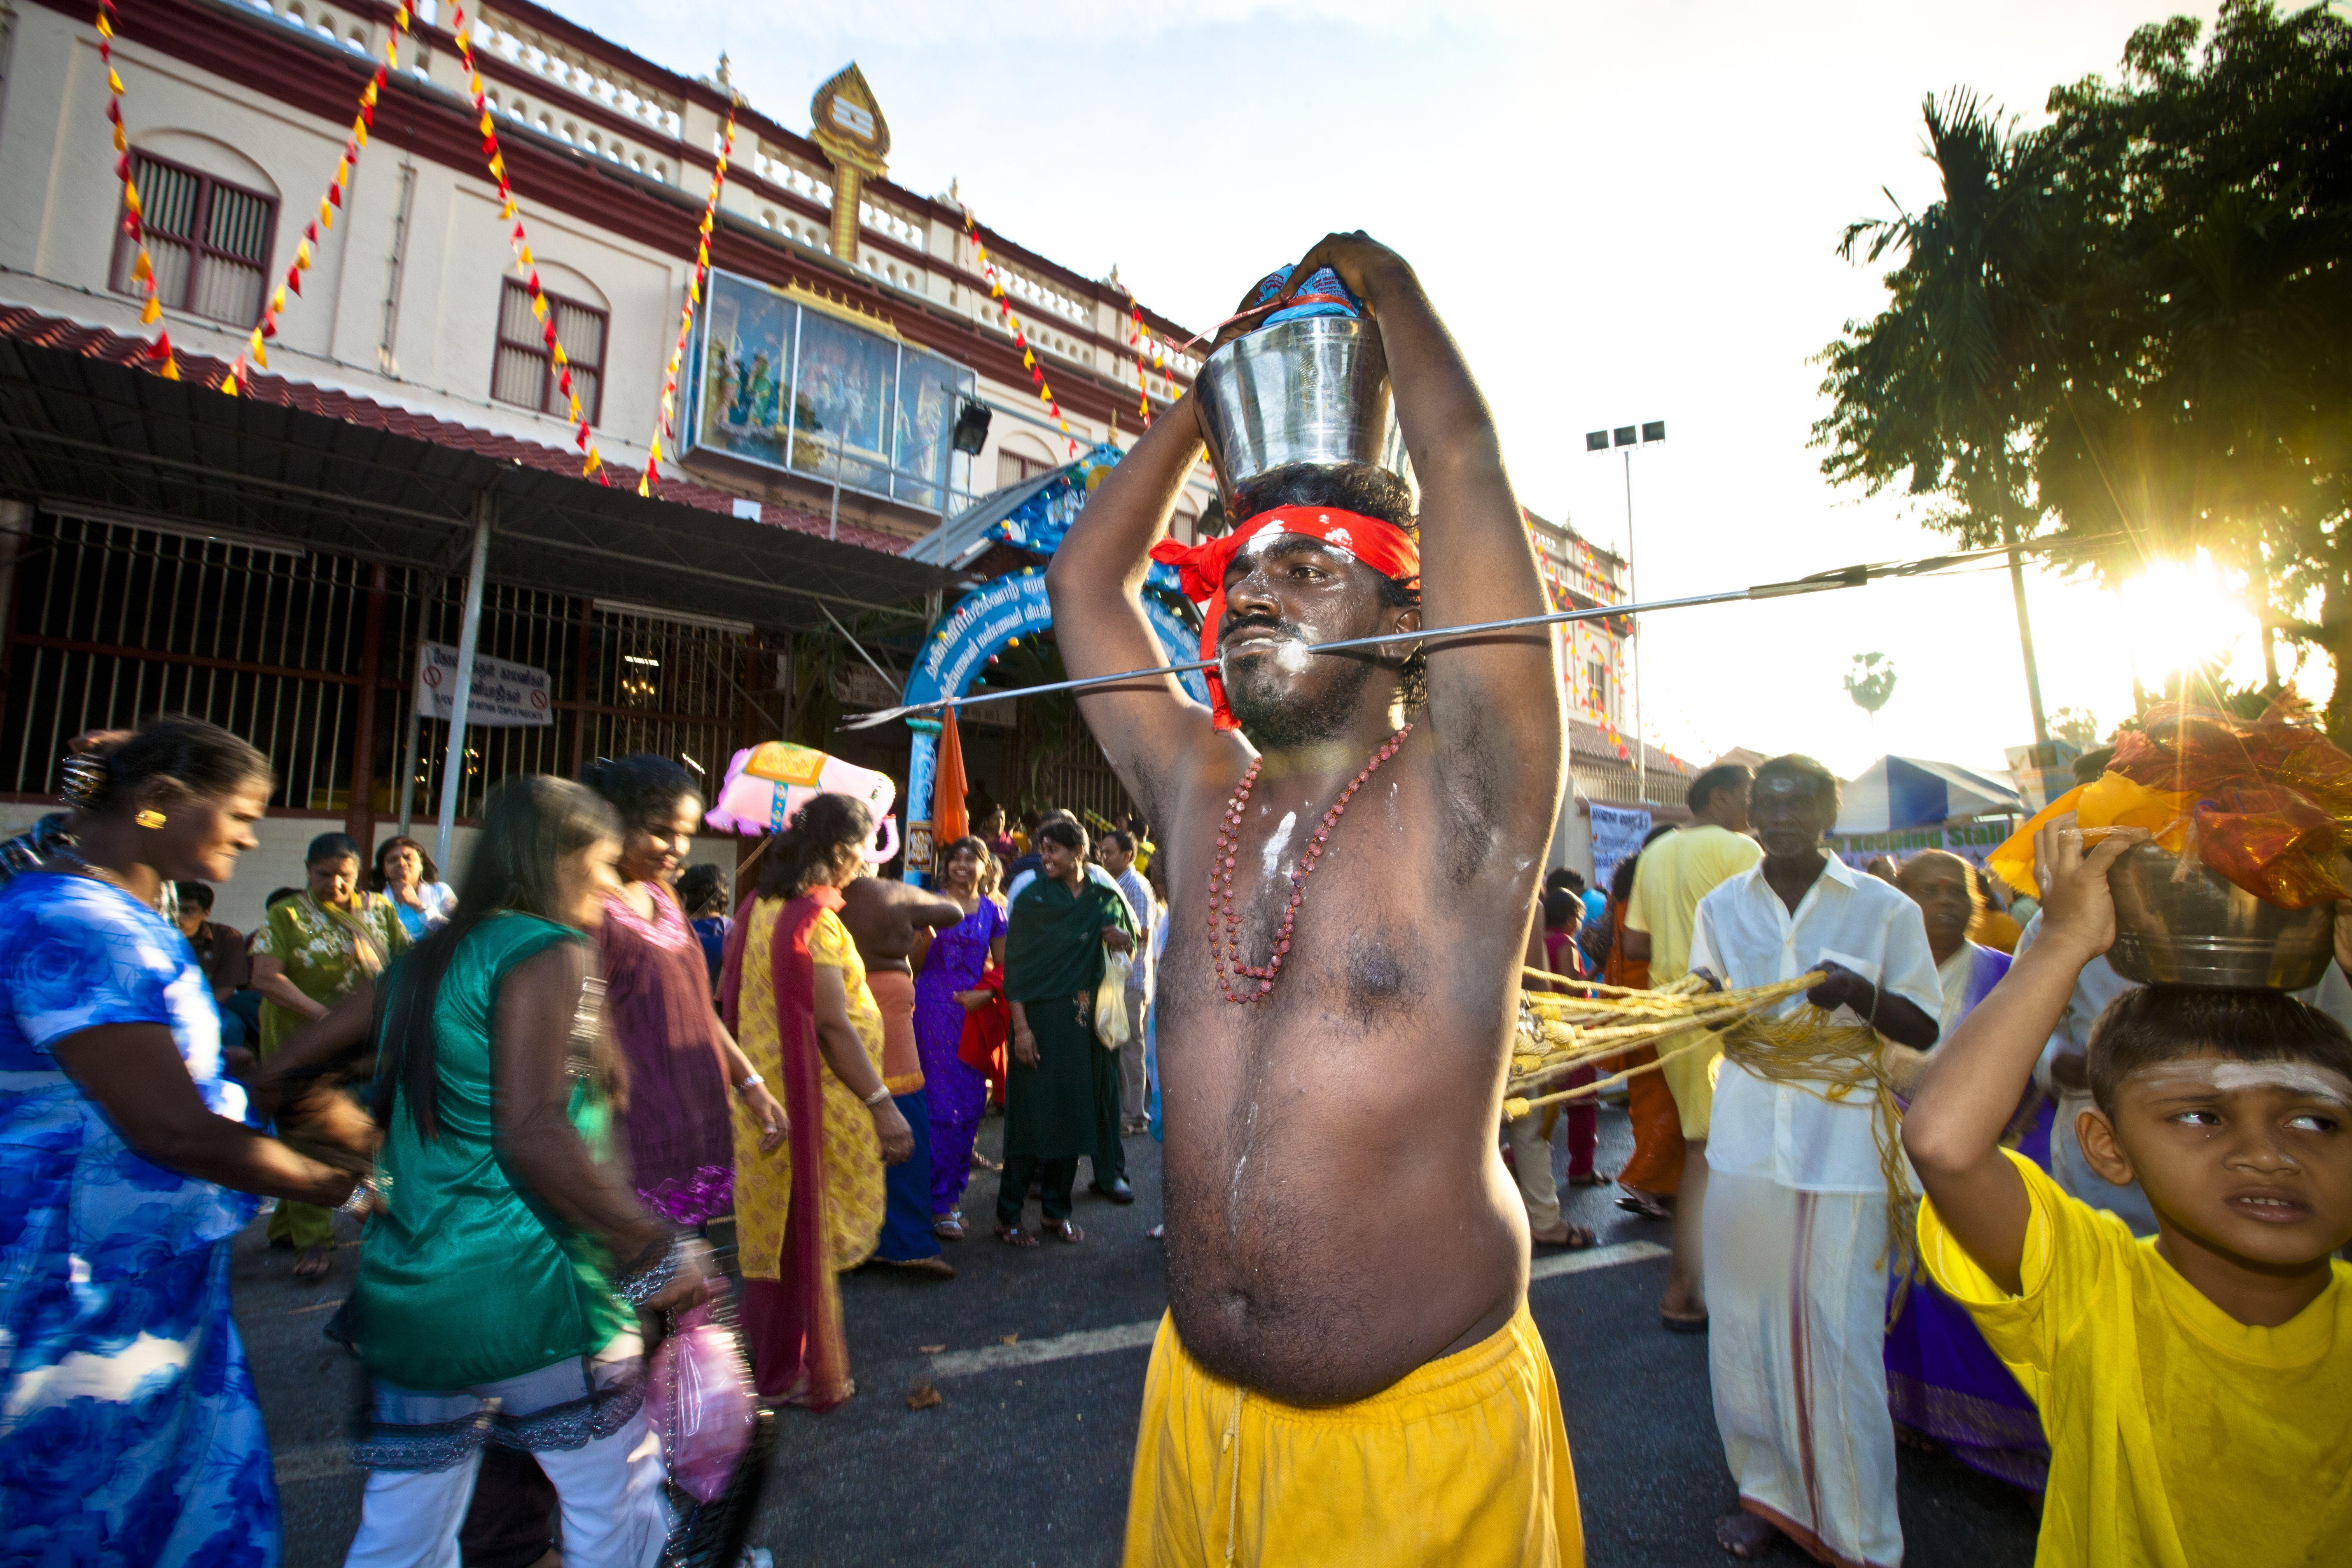 Thaipusam Festival in India